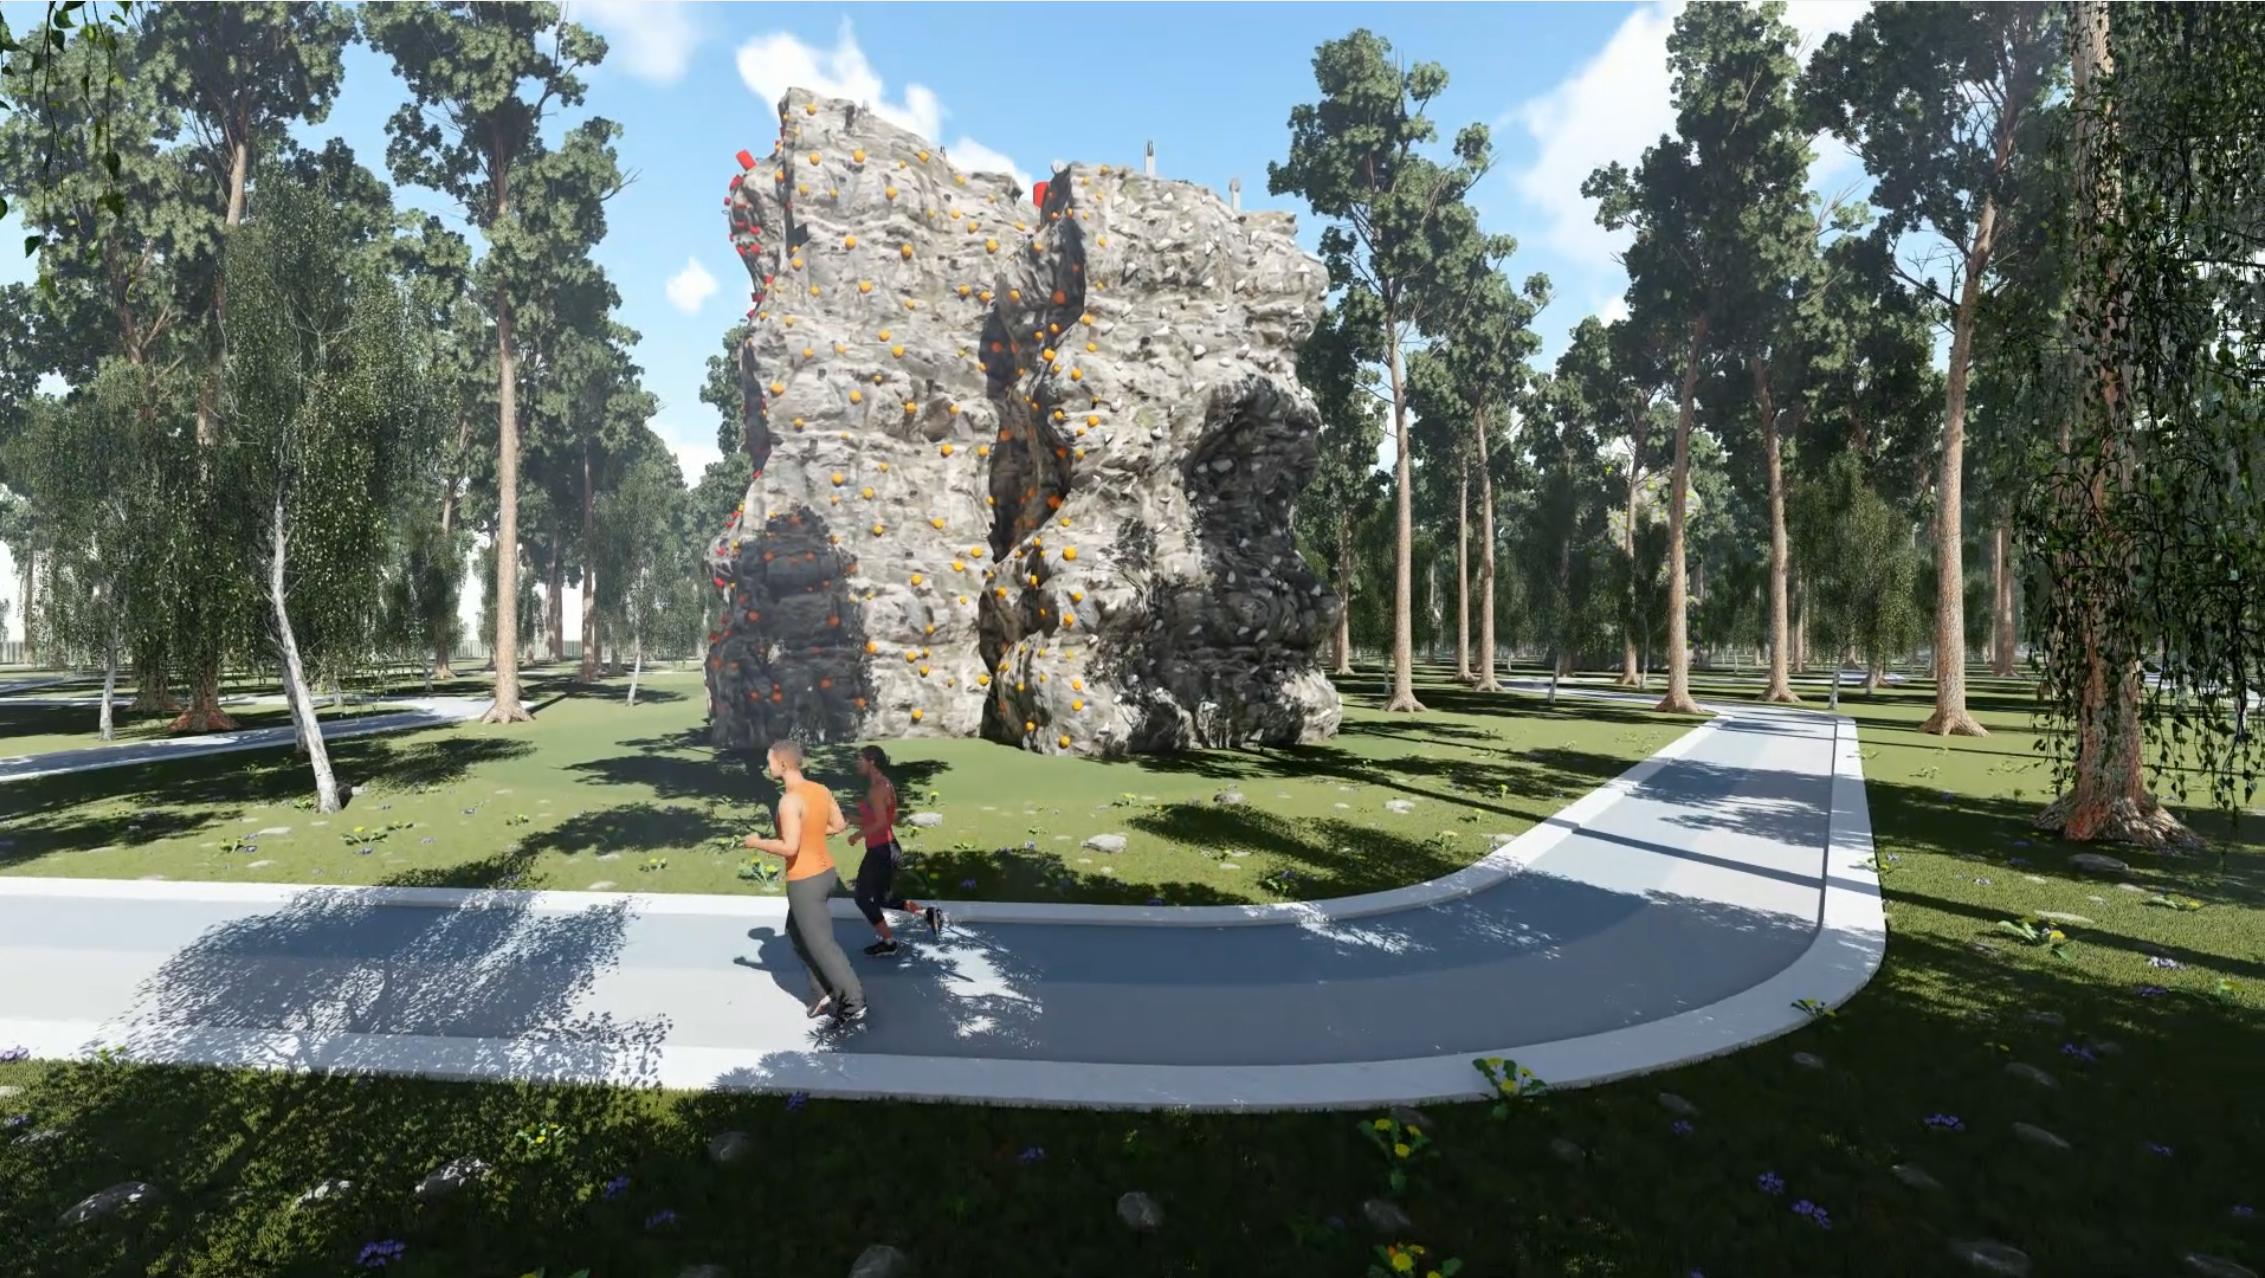 Один из самых интересных объектов в проекте — это скалодром, но как раз его строительство пока под вопросом